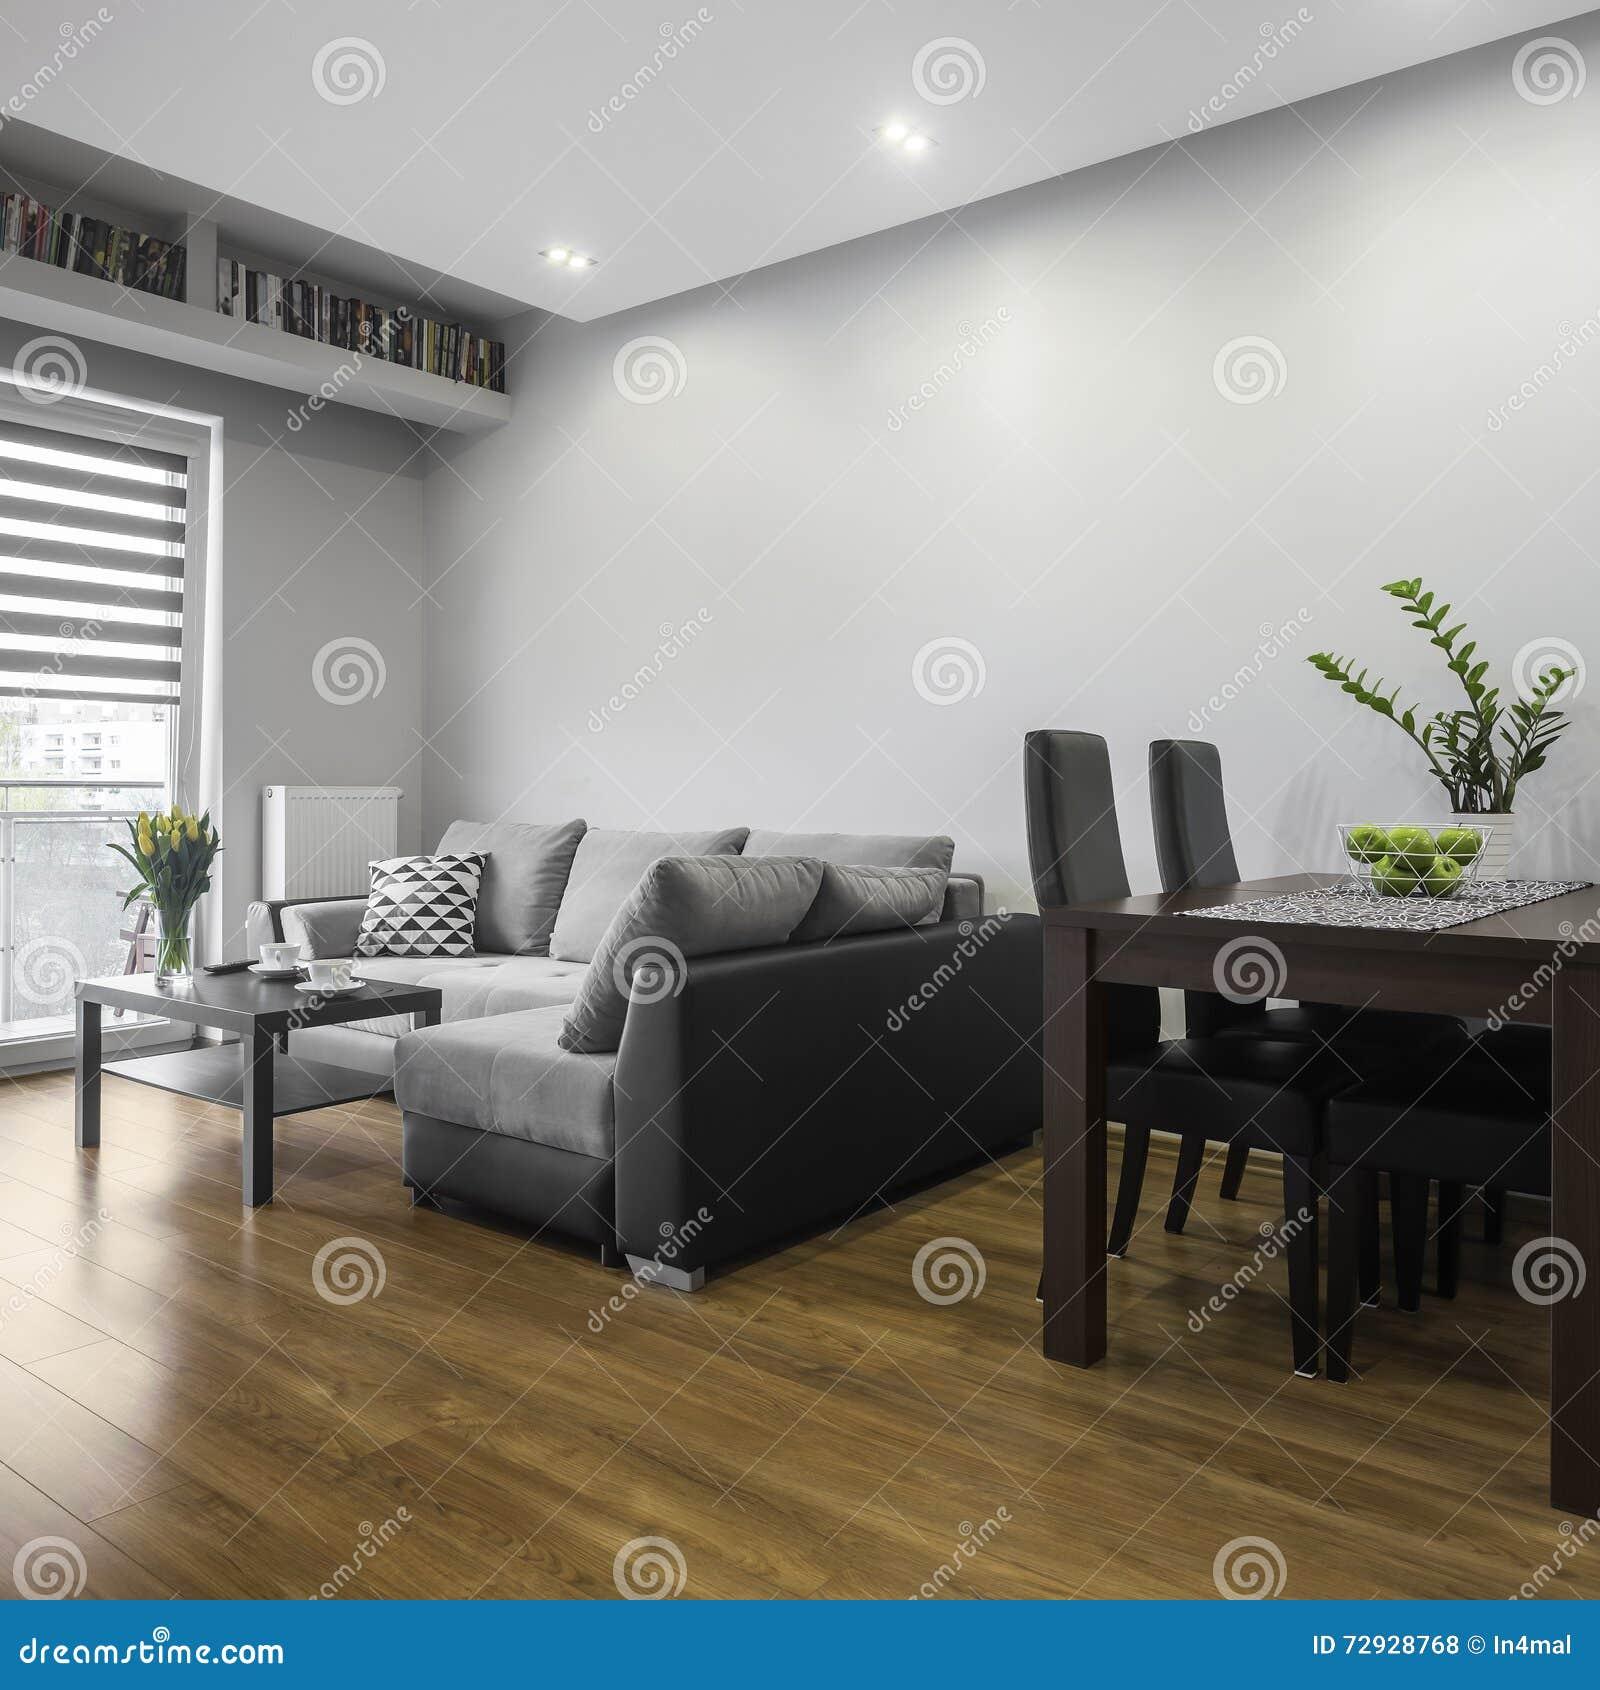 Einfaches Wohnzimmer stockfoto. Bild von couch, dekor - 72928768